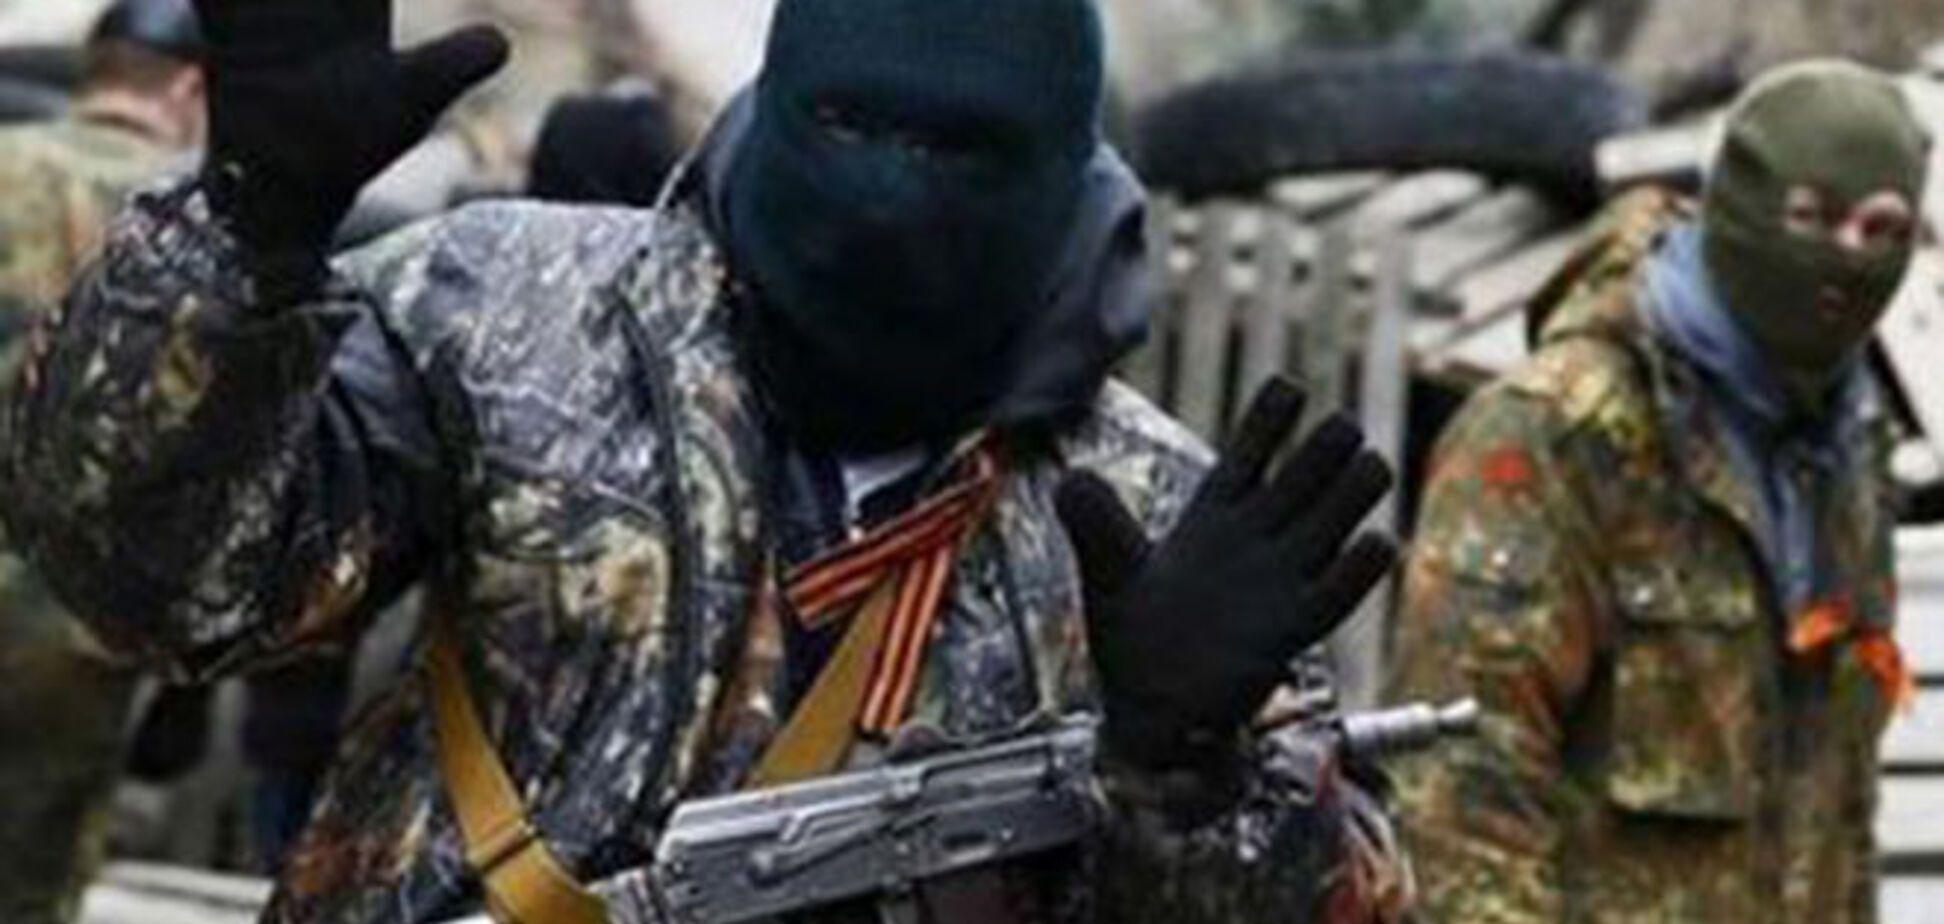 Хроніка 'російського миру': в Шахтарську втекли з 'Дня республіки', а в Горлівці зупинили п'яний 'похід на Київ'